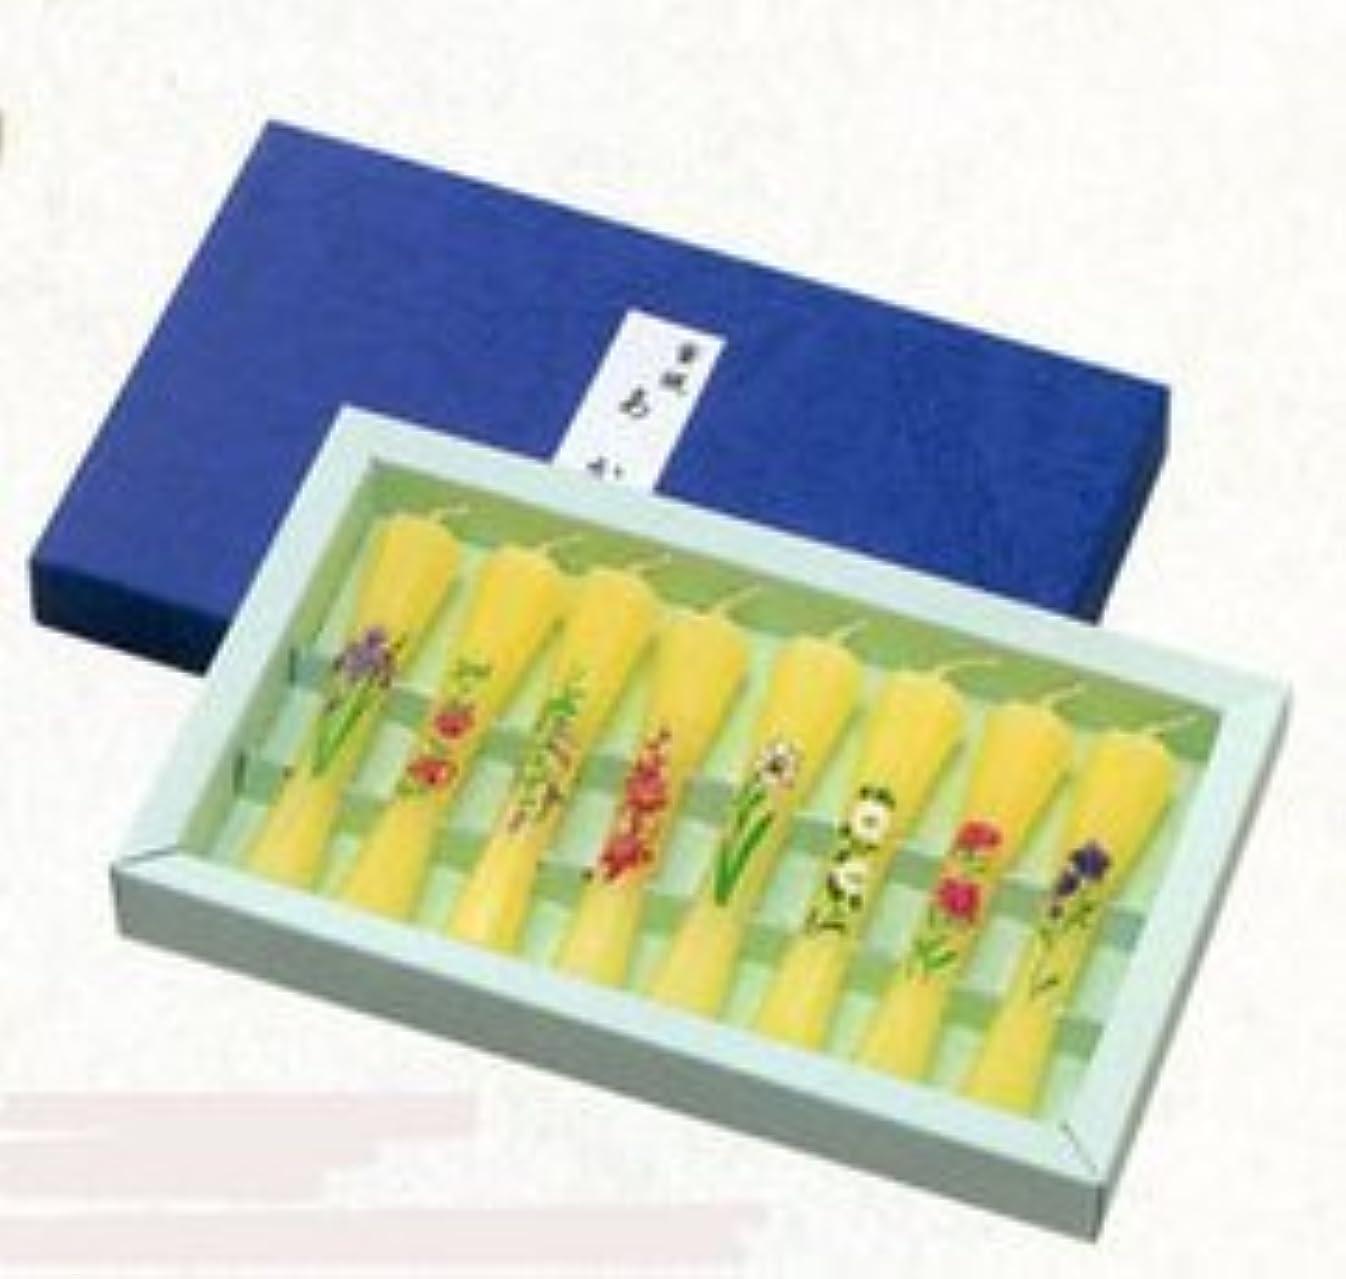 ブルーム反発する引く鮮やかな花の絵ローソク8本 蜜蝋(みつろー) 茜 絵ローソク